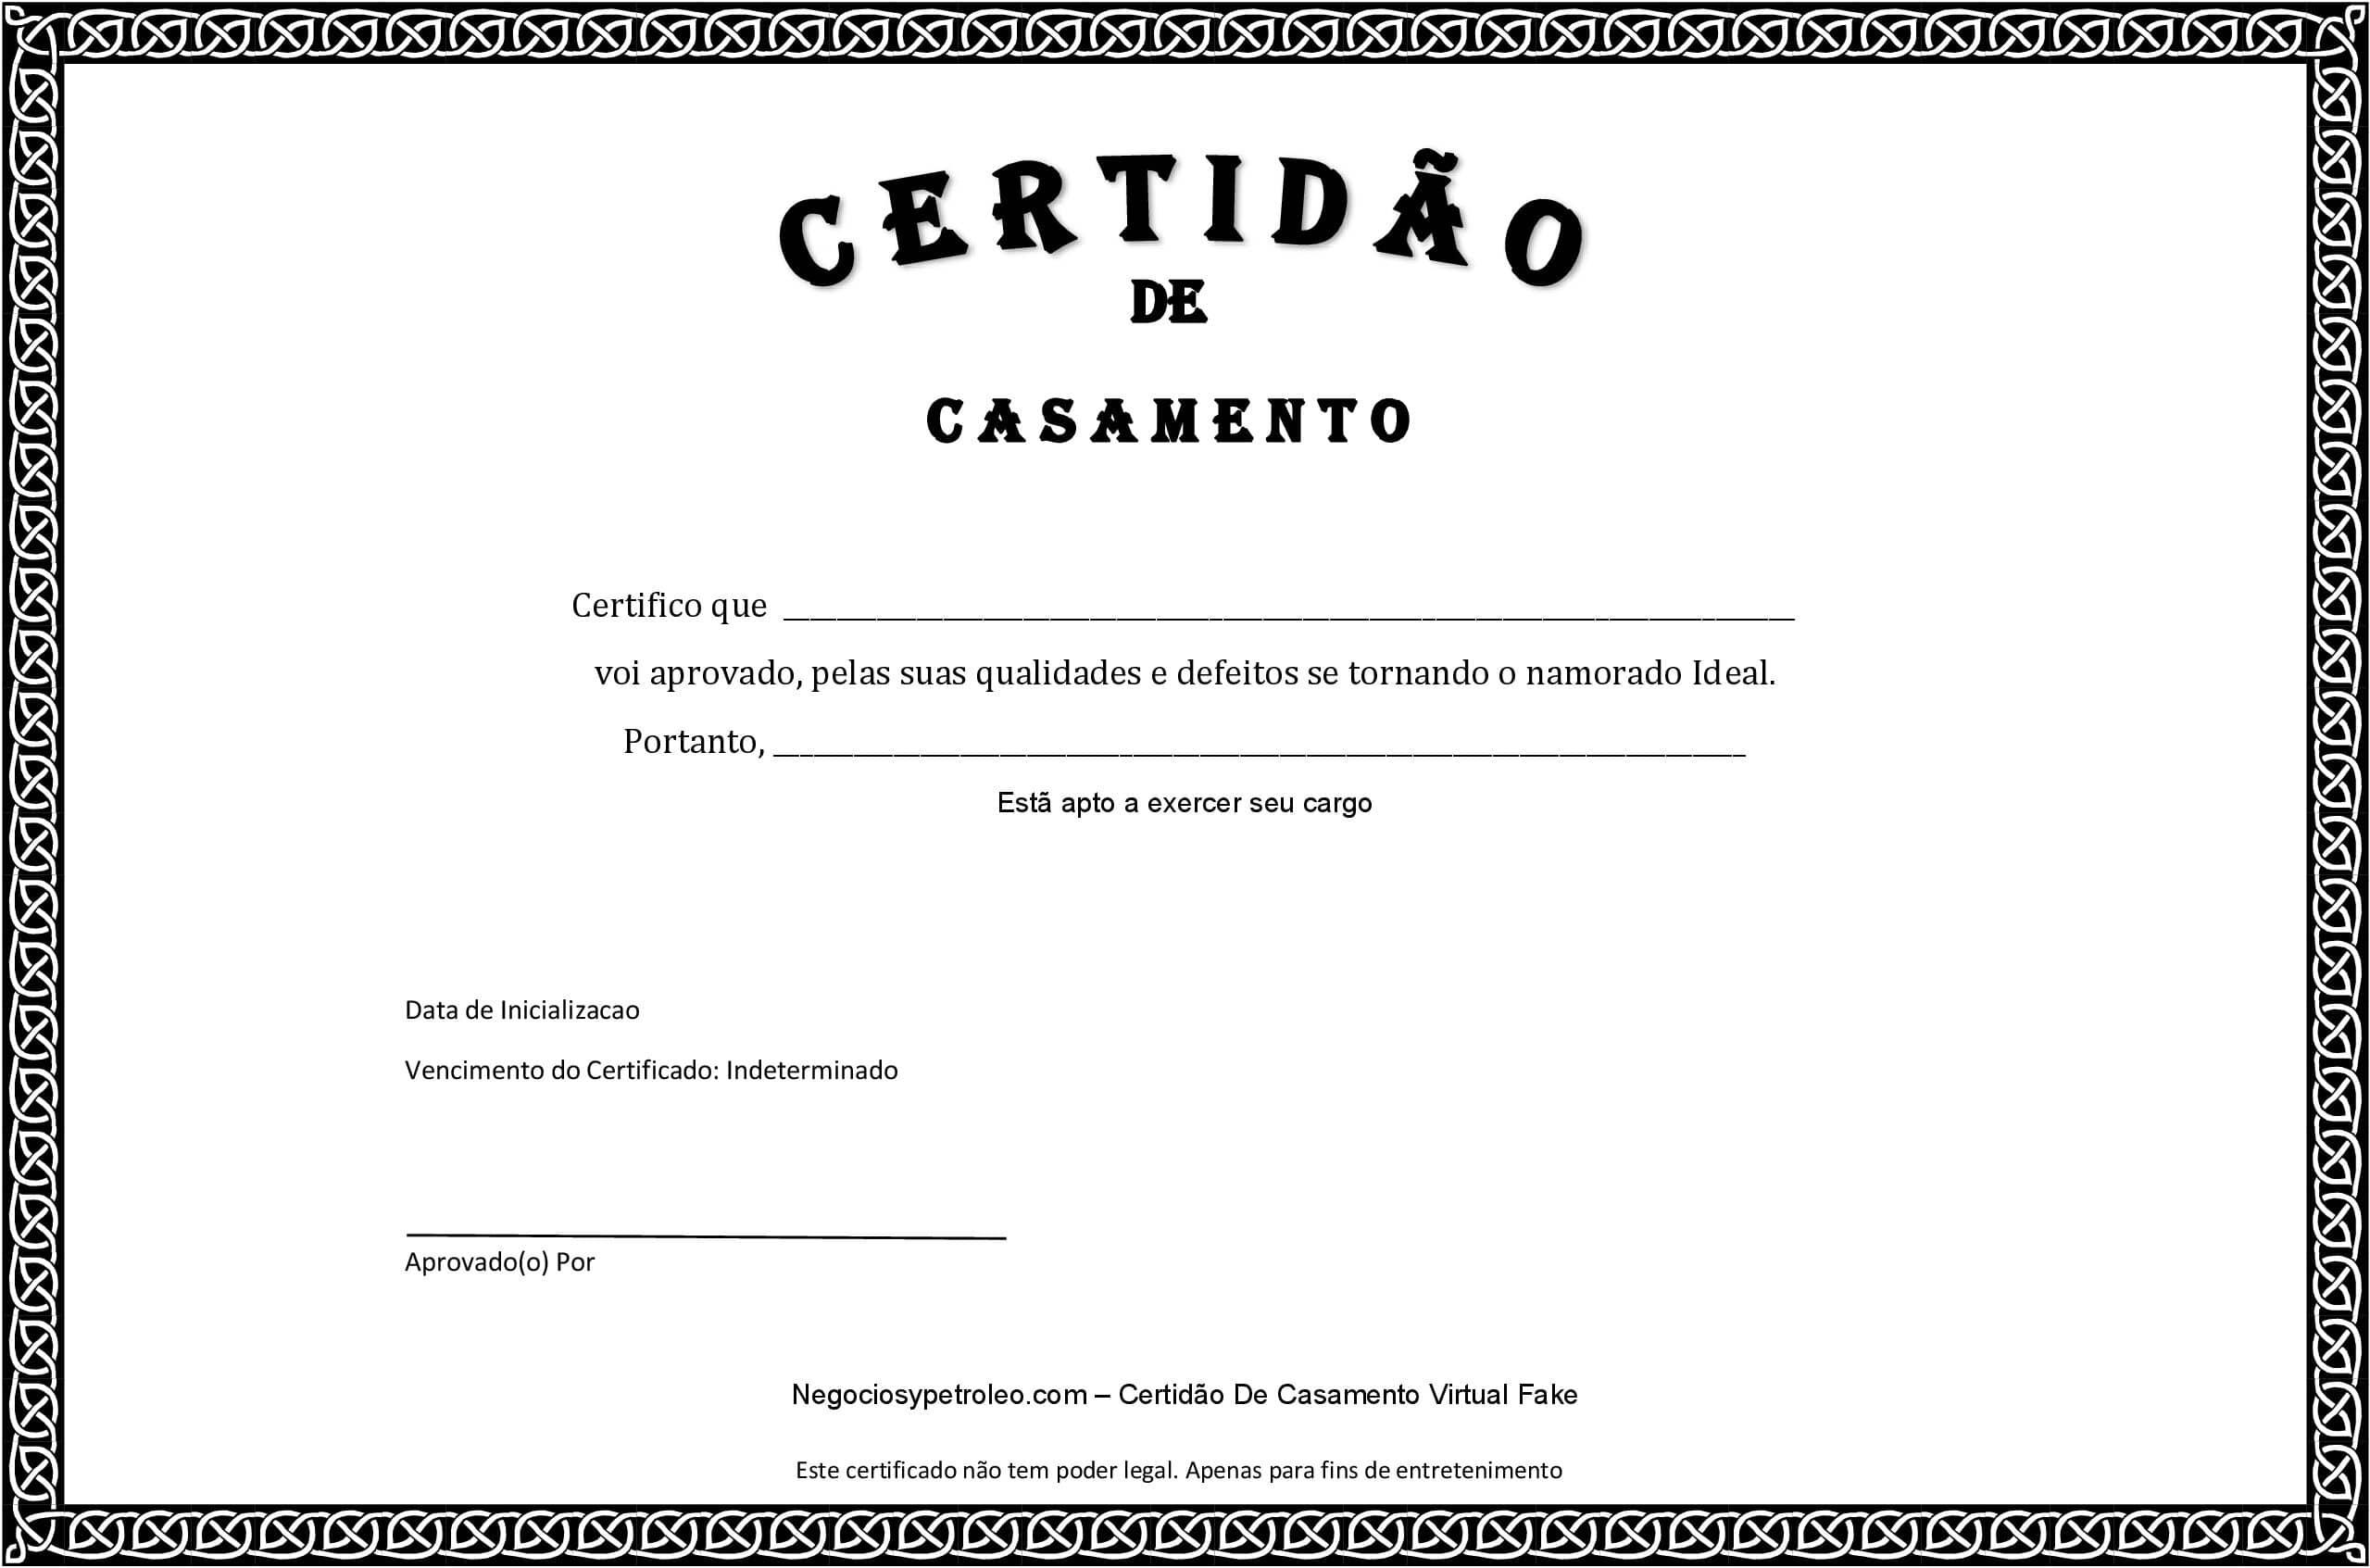 Certidão De Casamento Fake